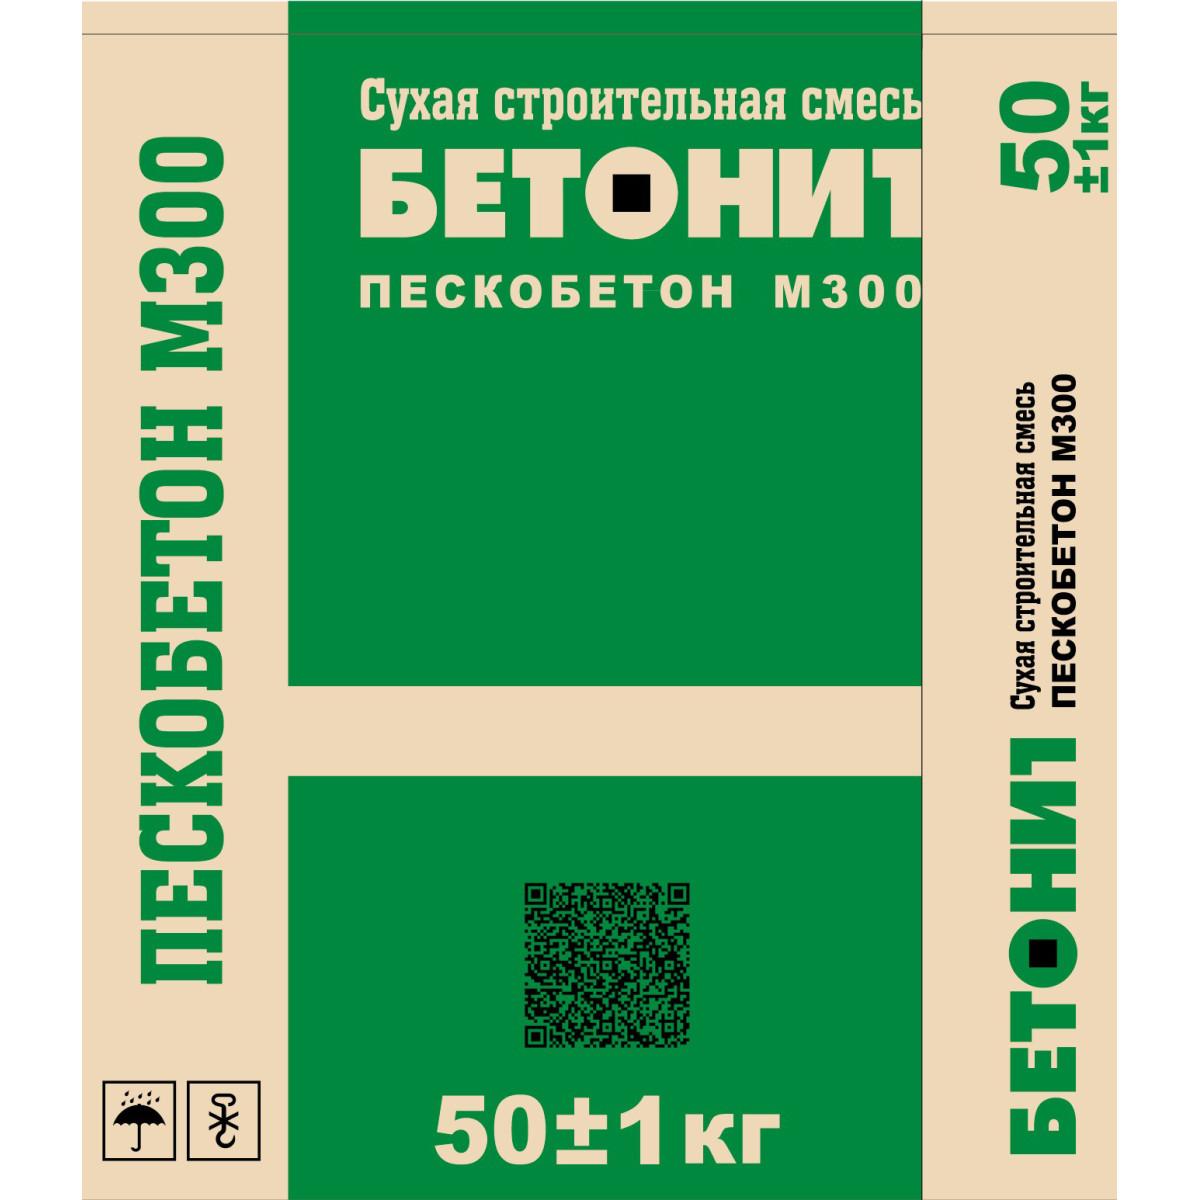 Бетон м300 купить самара диск для шлифовки бетона на болгарку купить